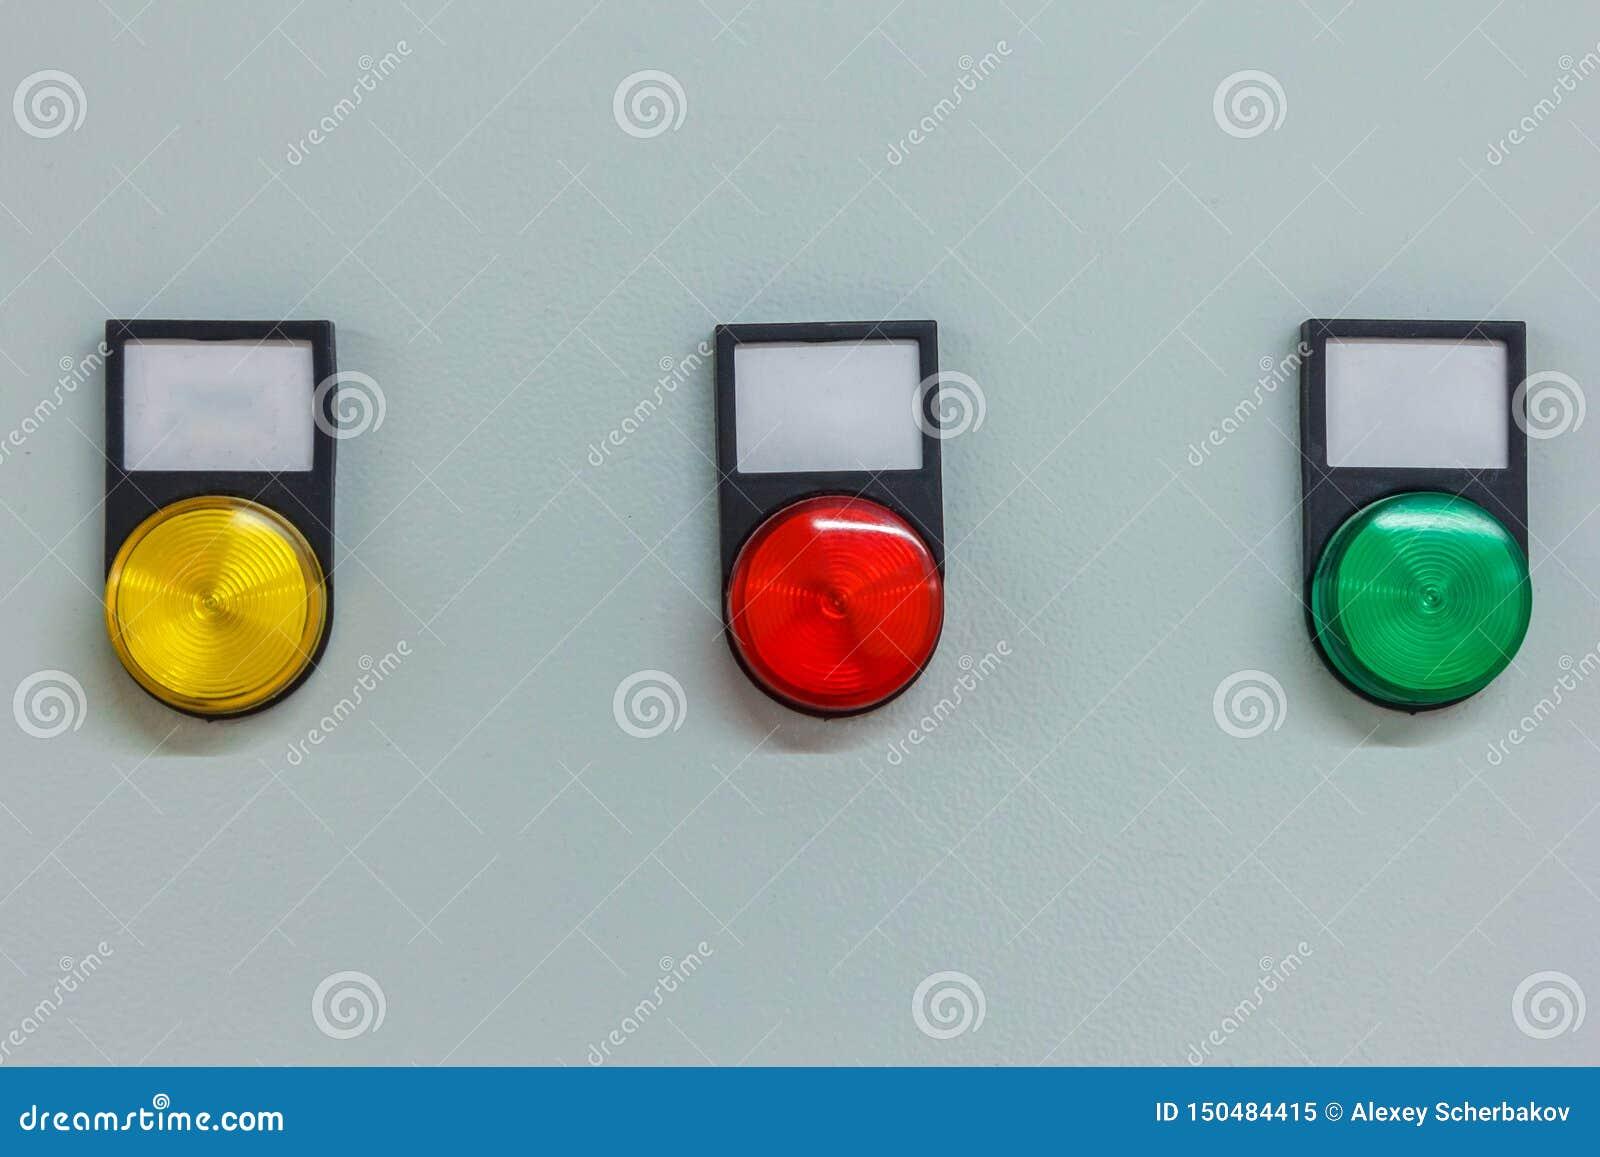 Indicadores coloridos e botões luminosos no painel de instrumento